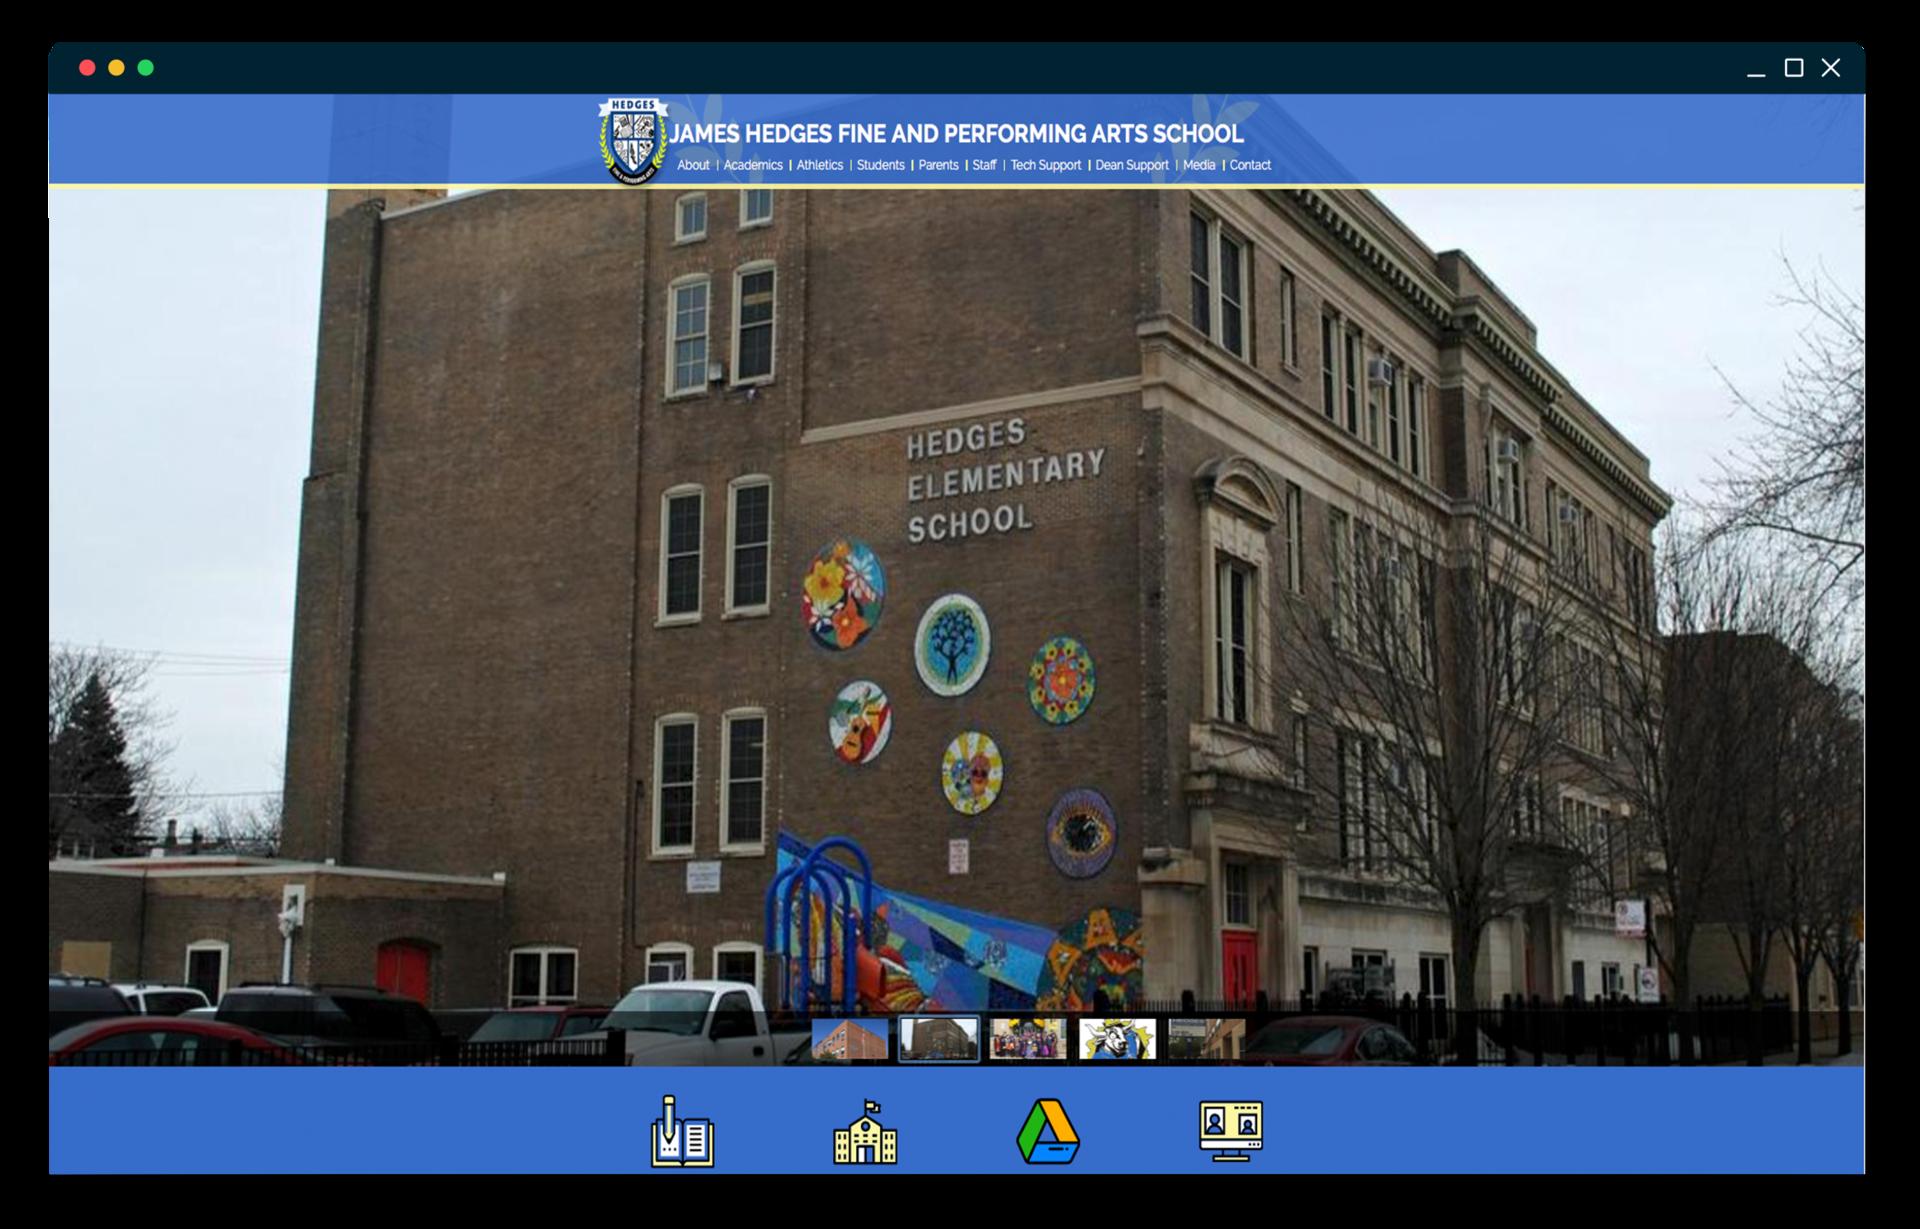 Featured School's Website